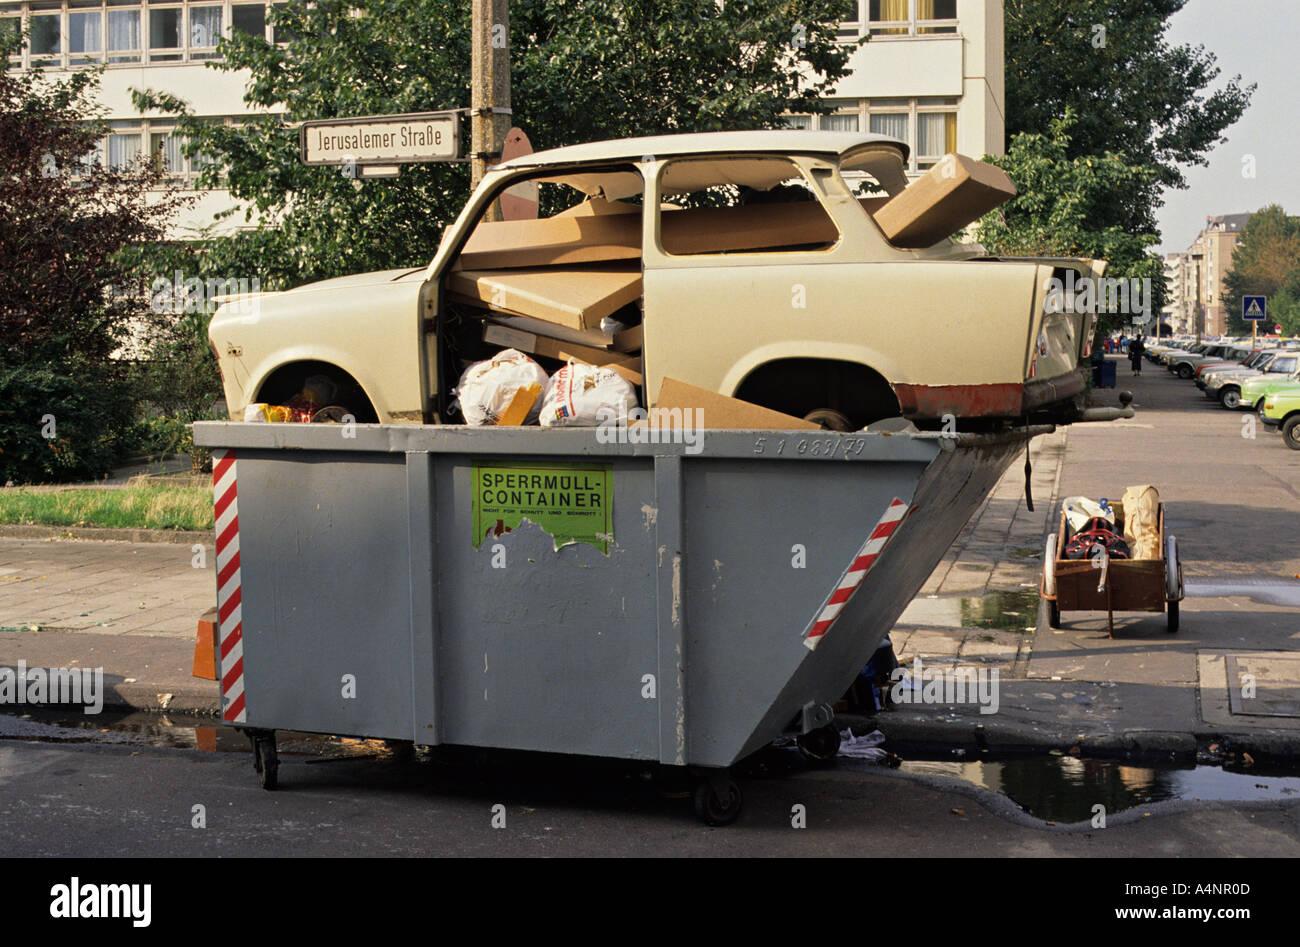 Geschichte die ersten Trabant Auto weggeworfen werden, nach dem Fall der Berliner Mauer im Sommer 1990 Stockbild